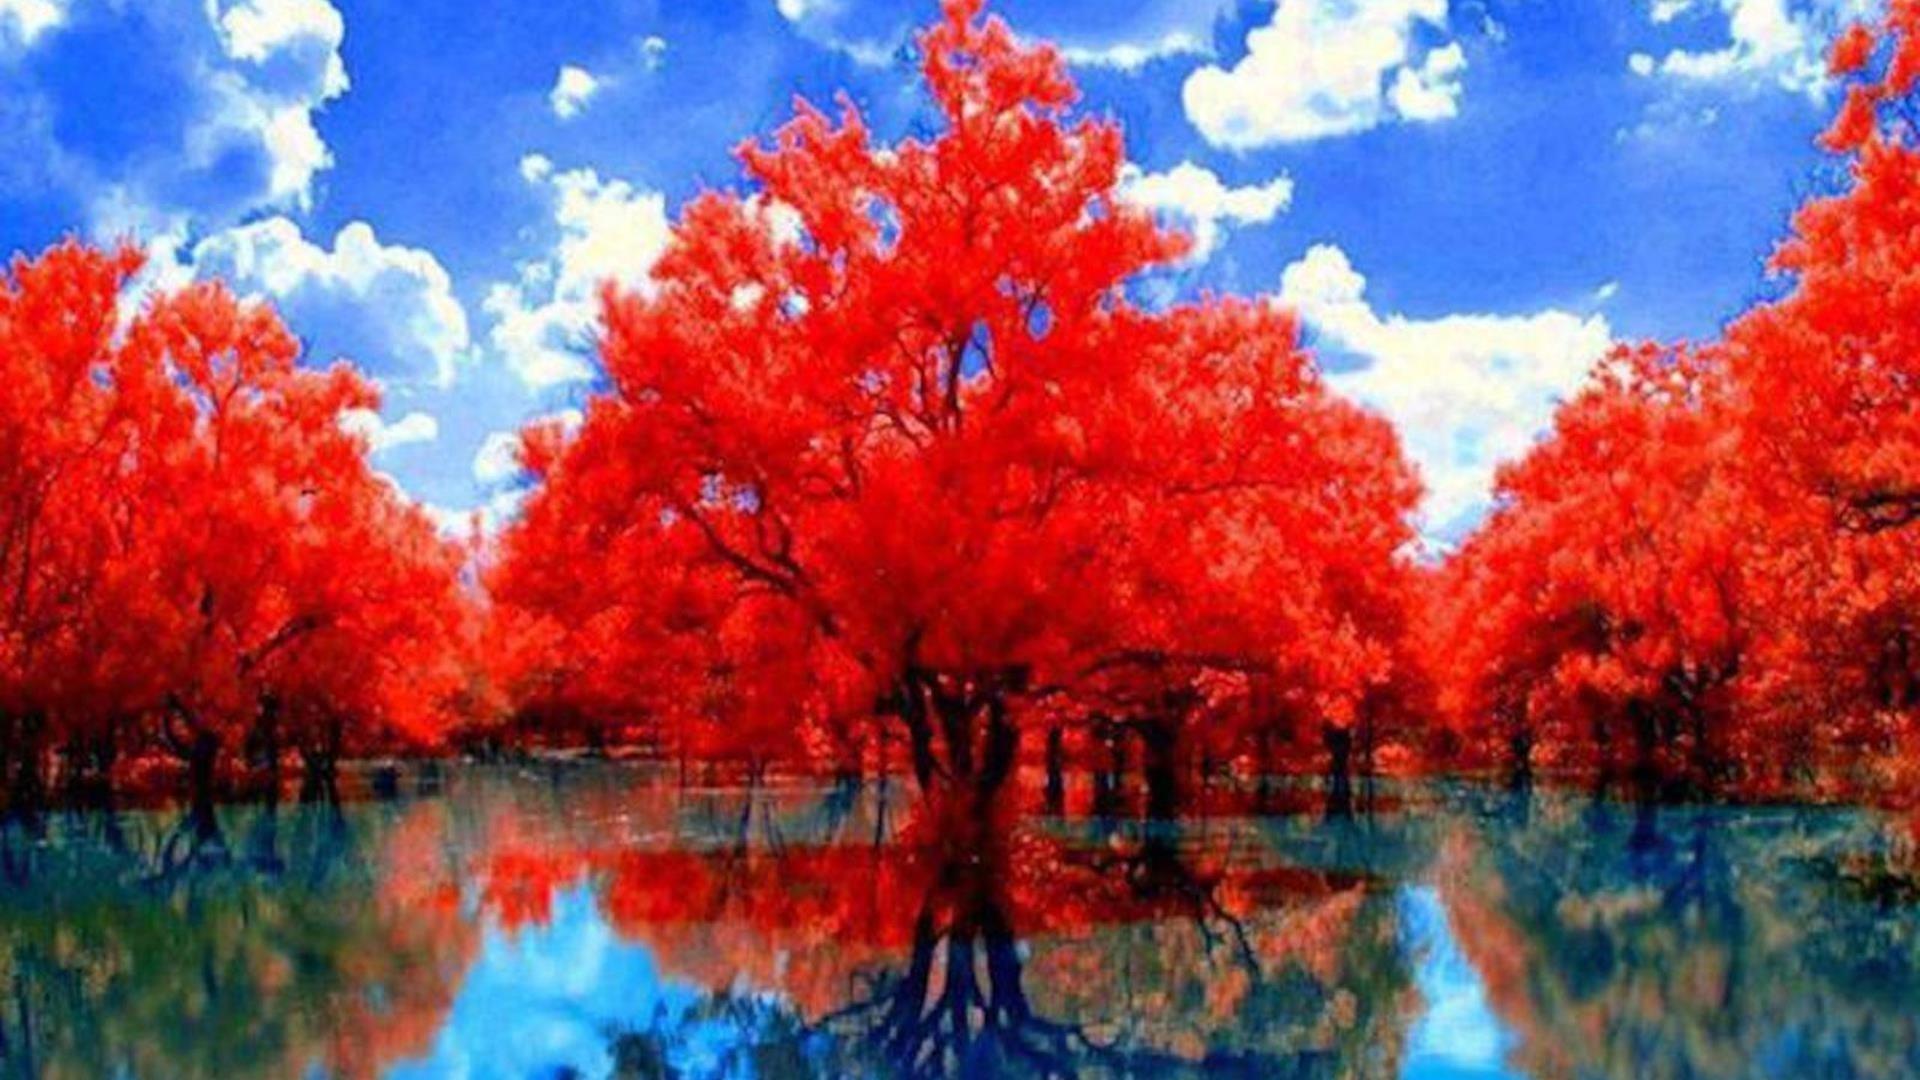 Красные осенние деревья с отражением на озере днем под облачным голубым небом природа обои скачать